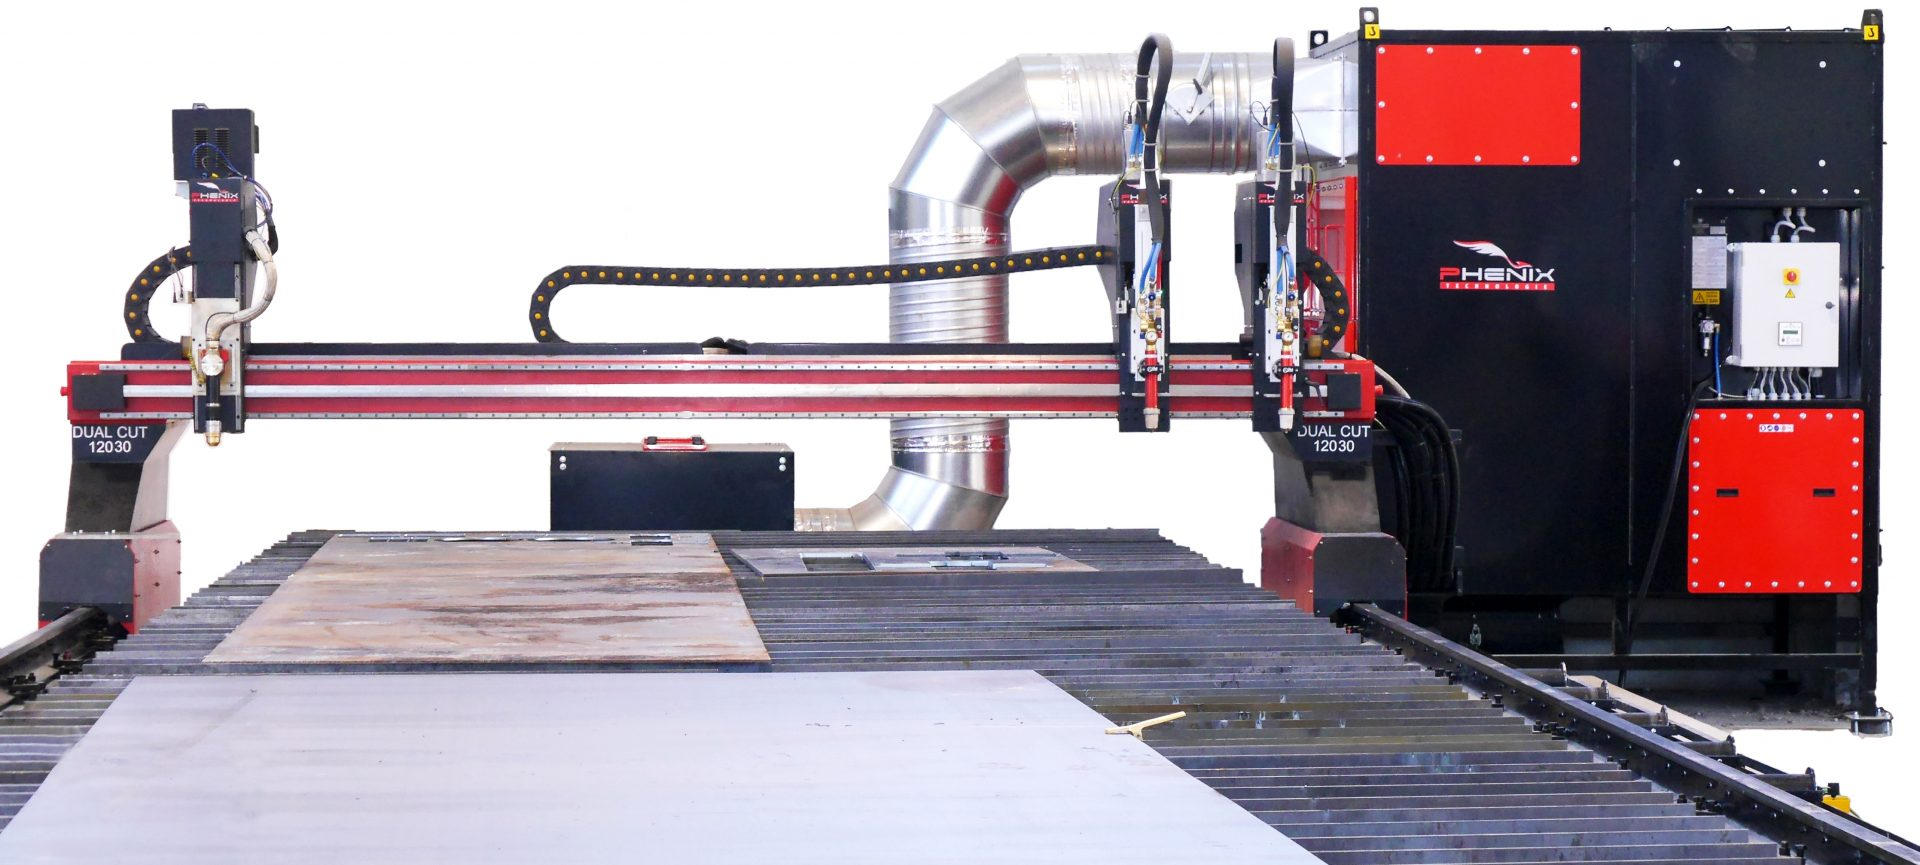 P1000845 Dét 01 - DUAL Cut machine découpe plasma